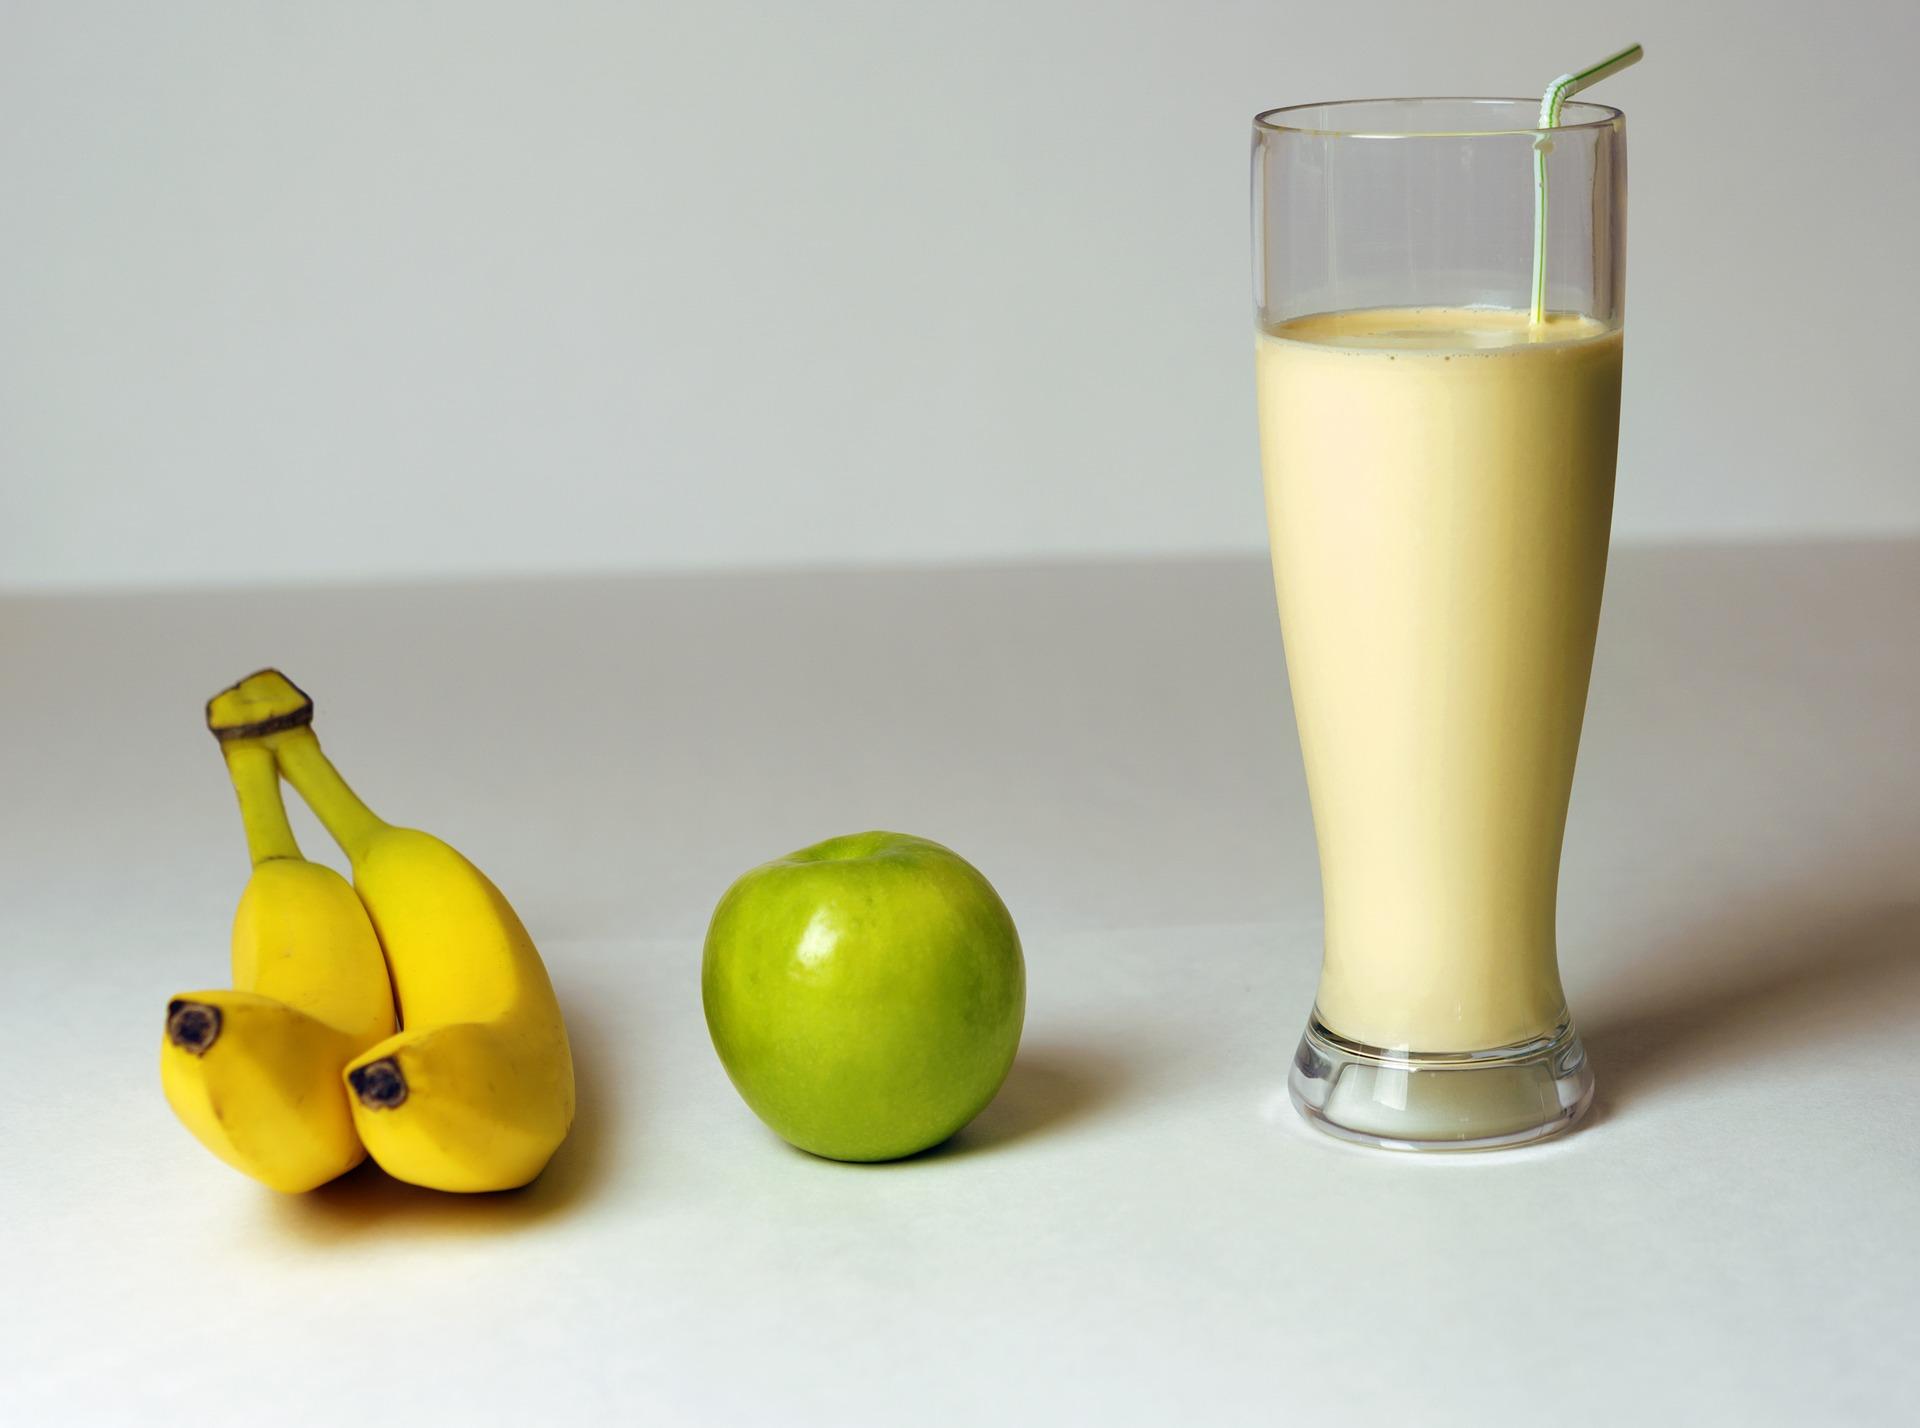 Das Bild zeigt zwei Bananen neben einem Apfel und einem großen Glas Bananen-Apfel-Smoothie // Kristina Kral (c) ImagesBG via pixabay.com